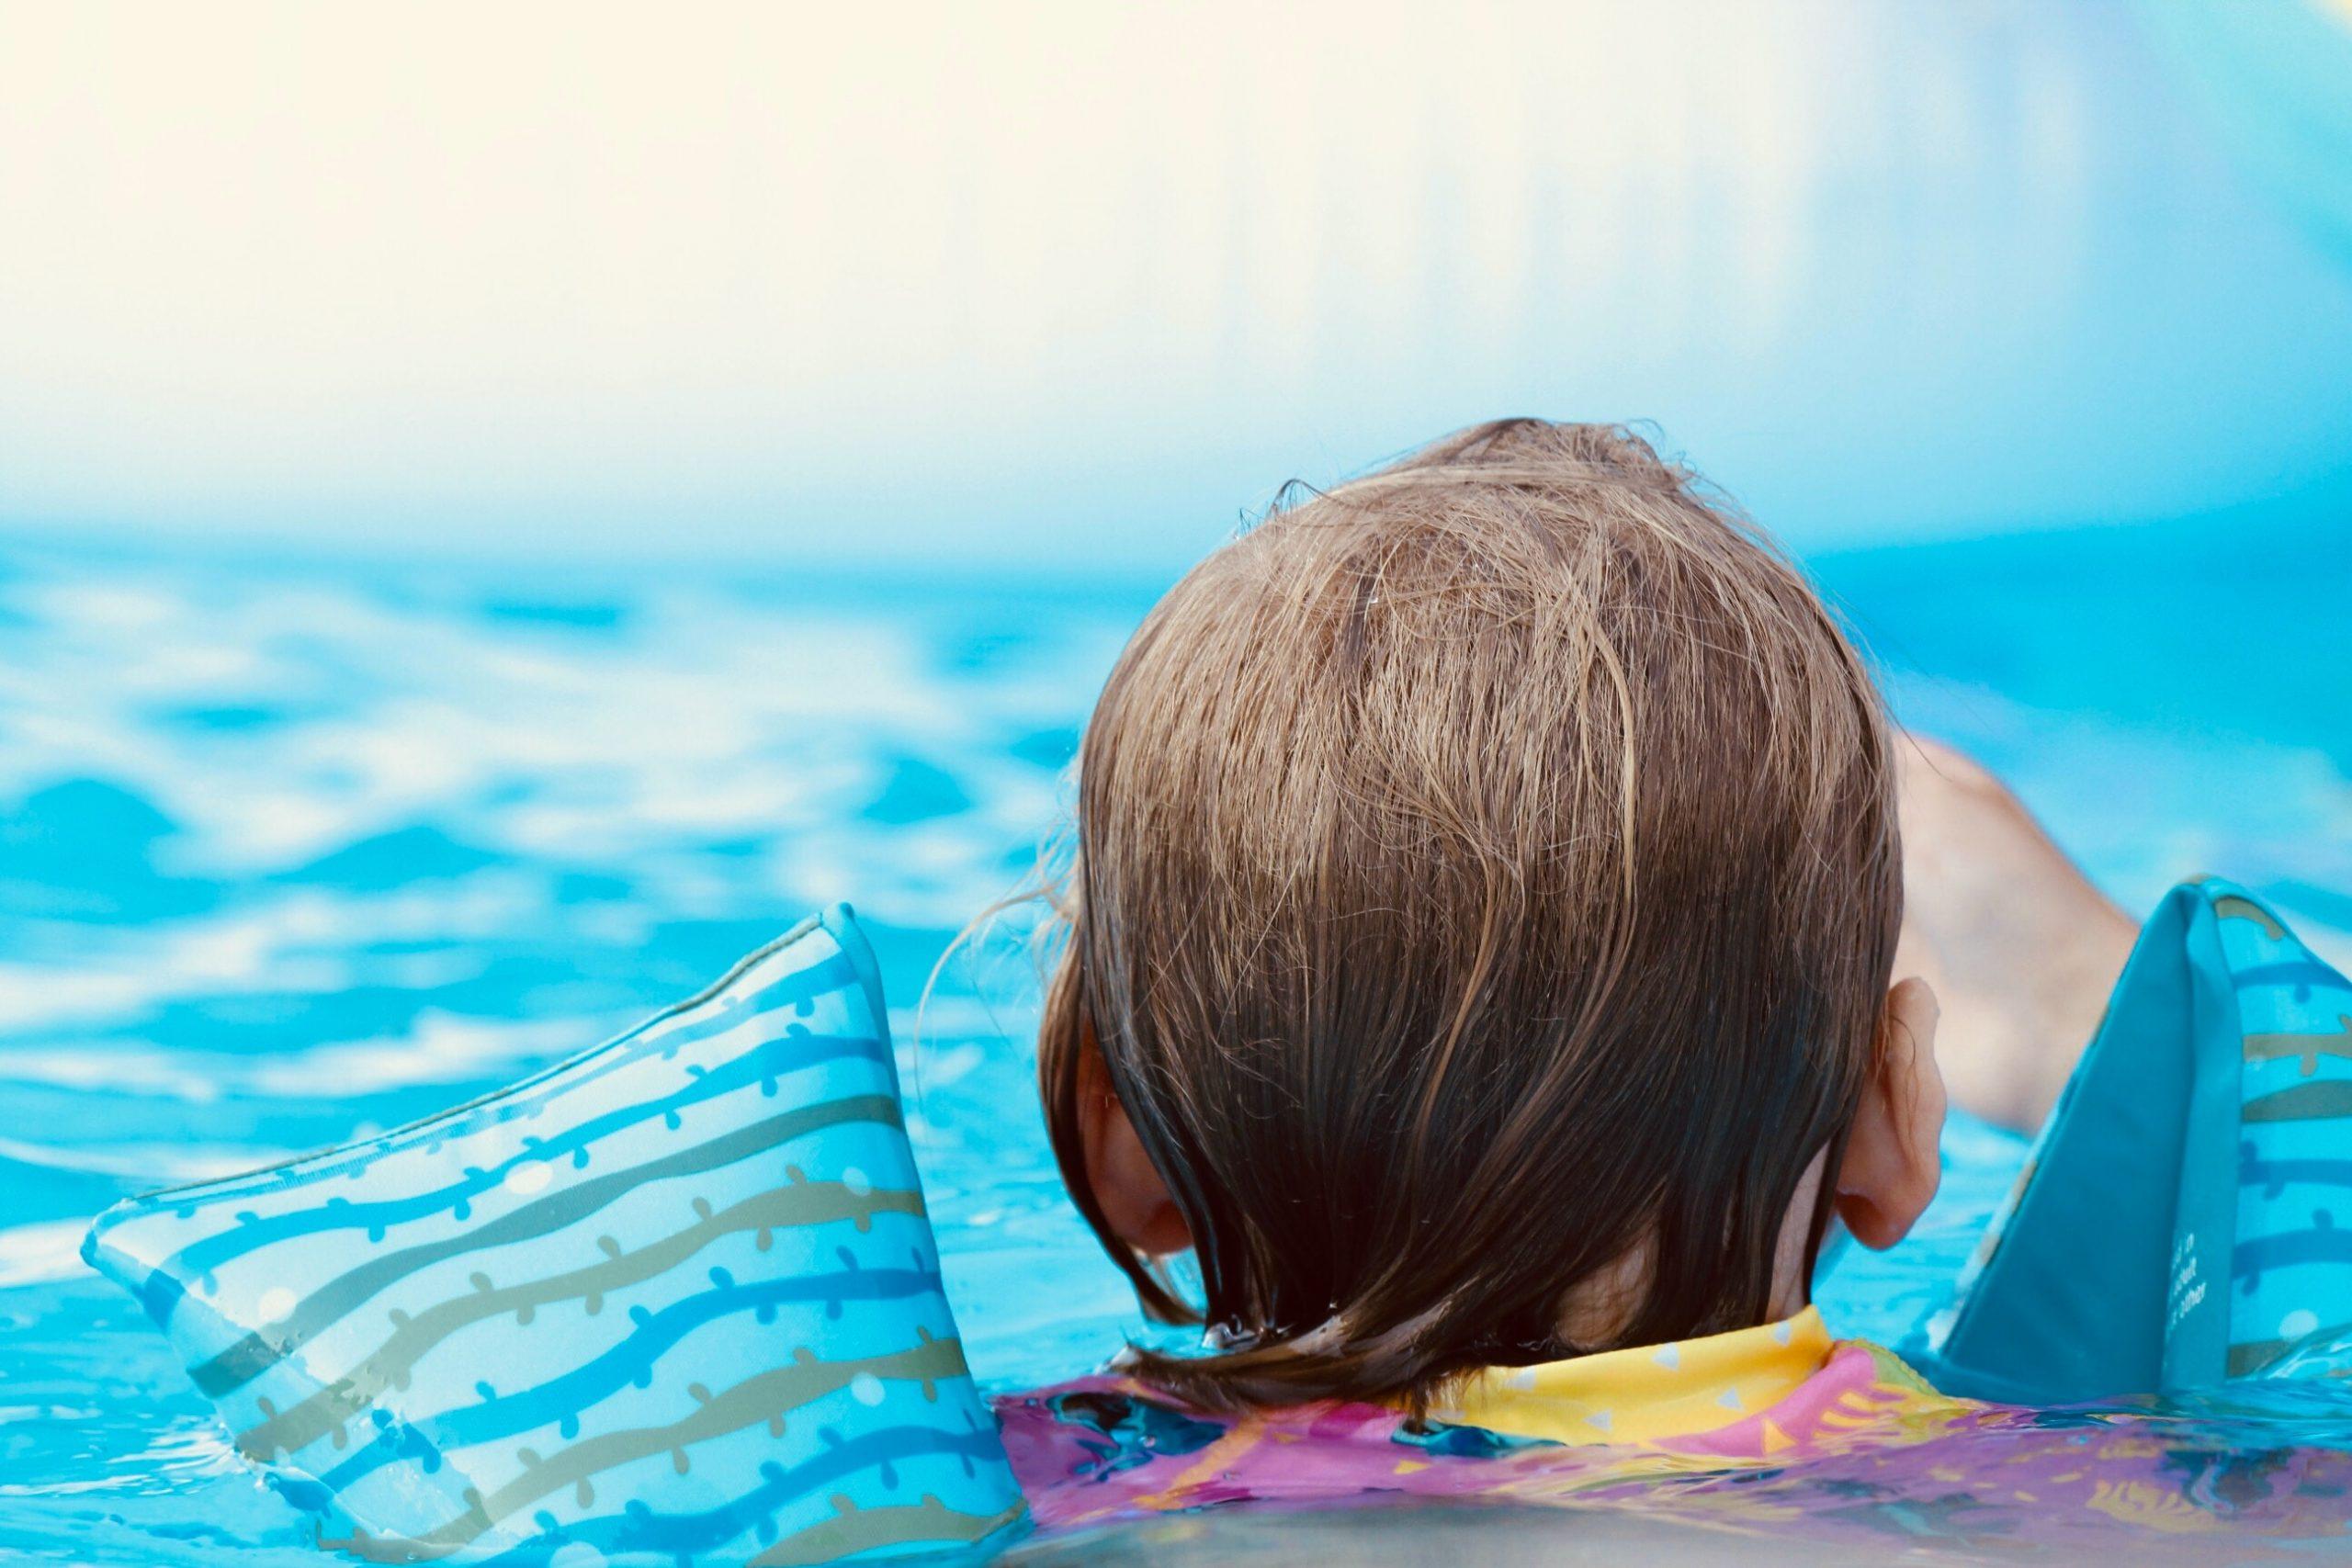 Winterschwimmkurse